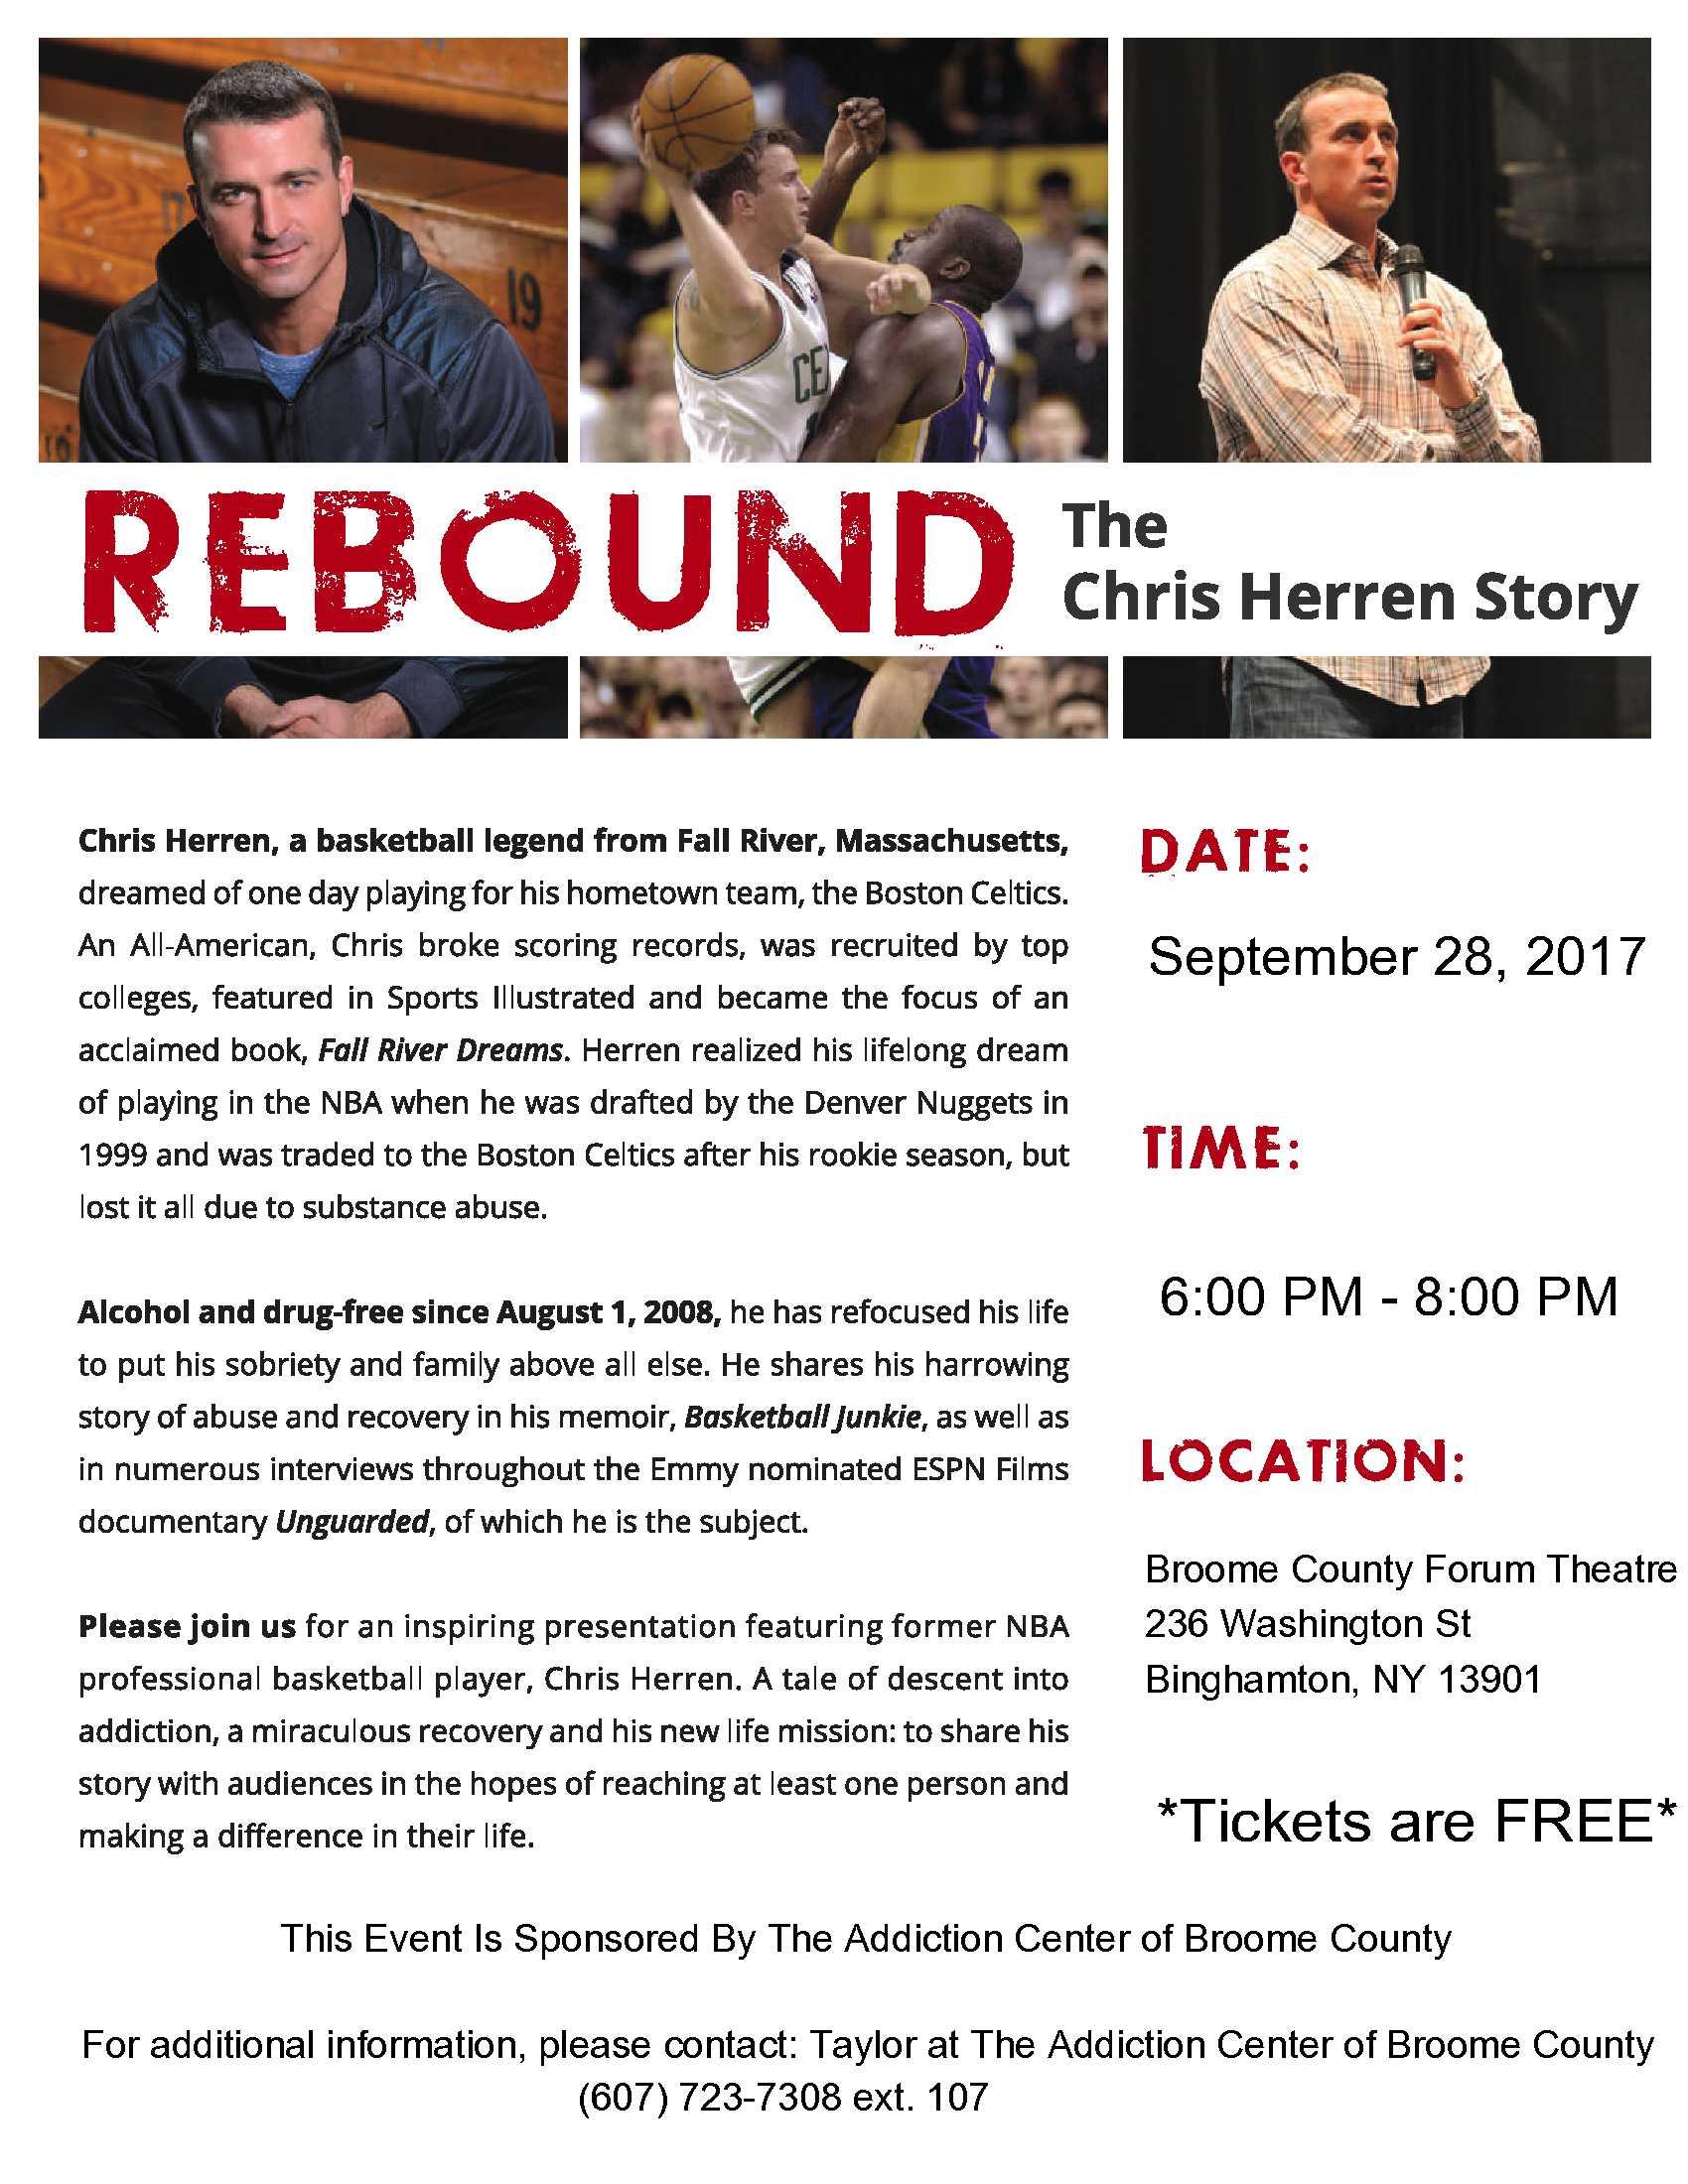 Integrative Program Training: Rebound, The Chris Herren Story – The